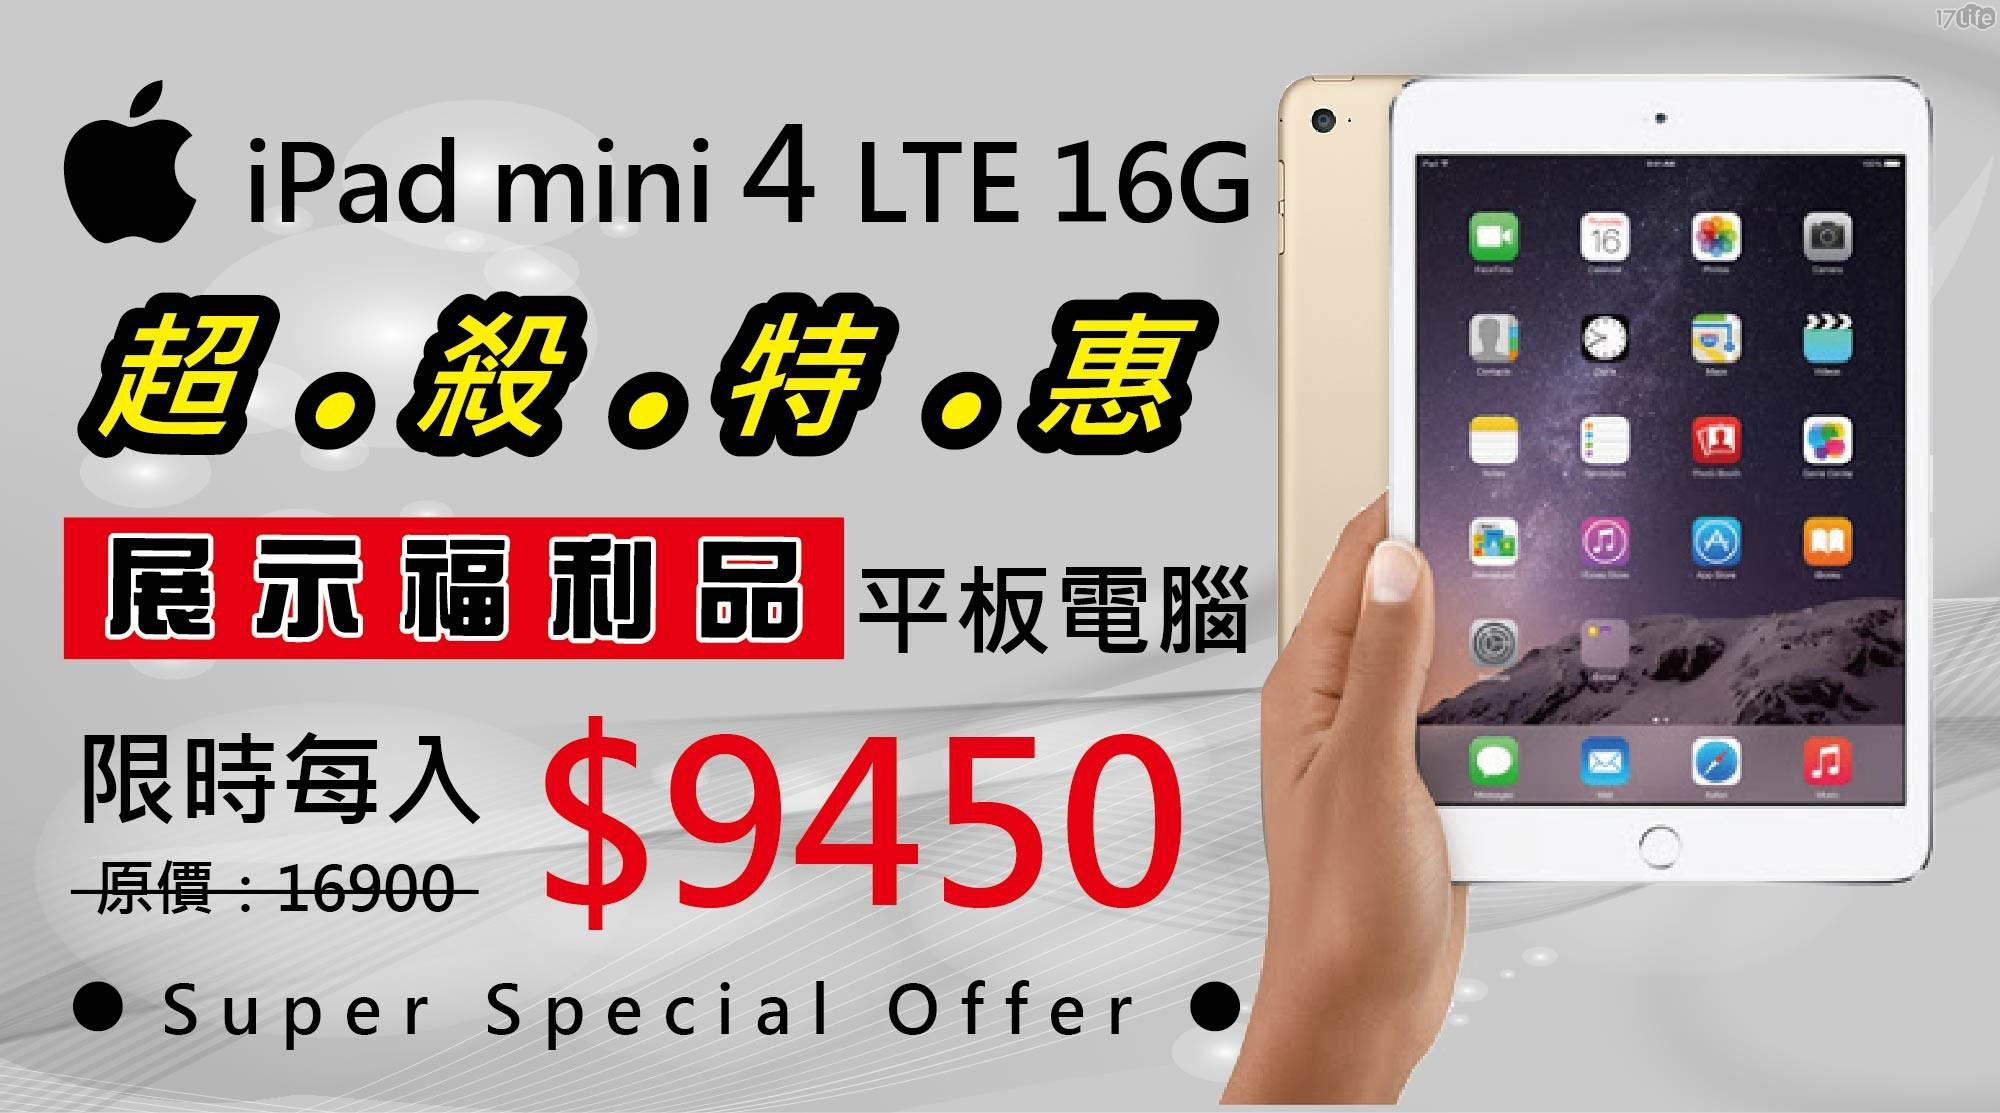 只要 9,450 元 (含運) 即可享有原價 16,900 元 【APPLE】 iPad mini 4 16G LTE 平板電腦(加贈玻璃貼以及保護套)展示福利品